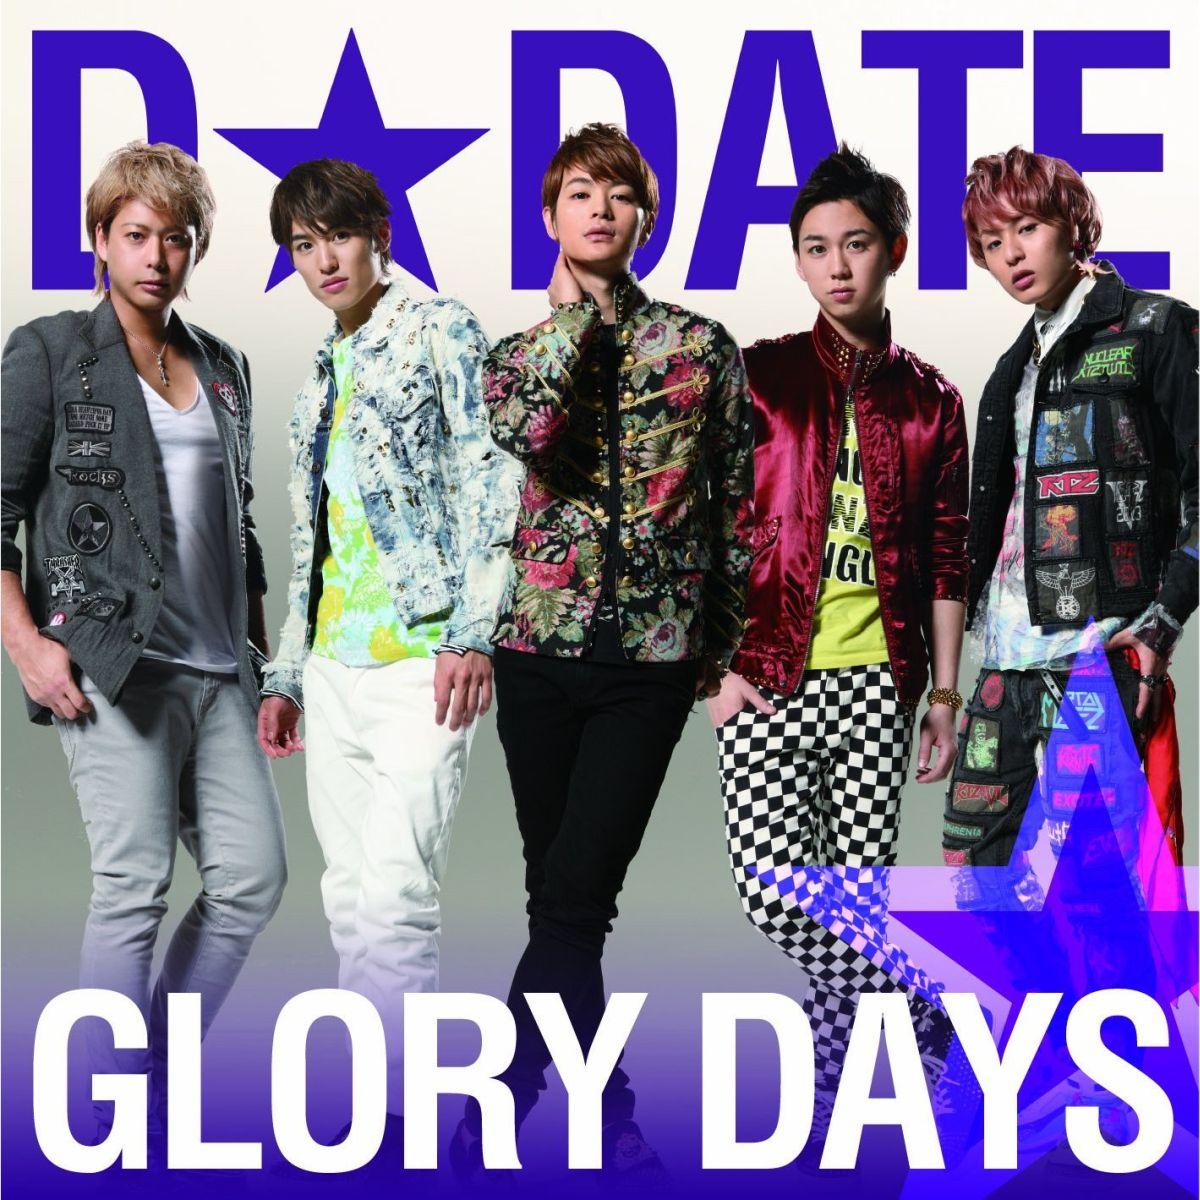 GLORY DAYS(通常盤C)画像